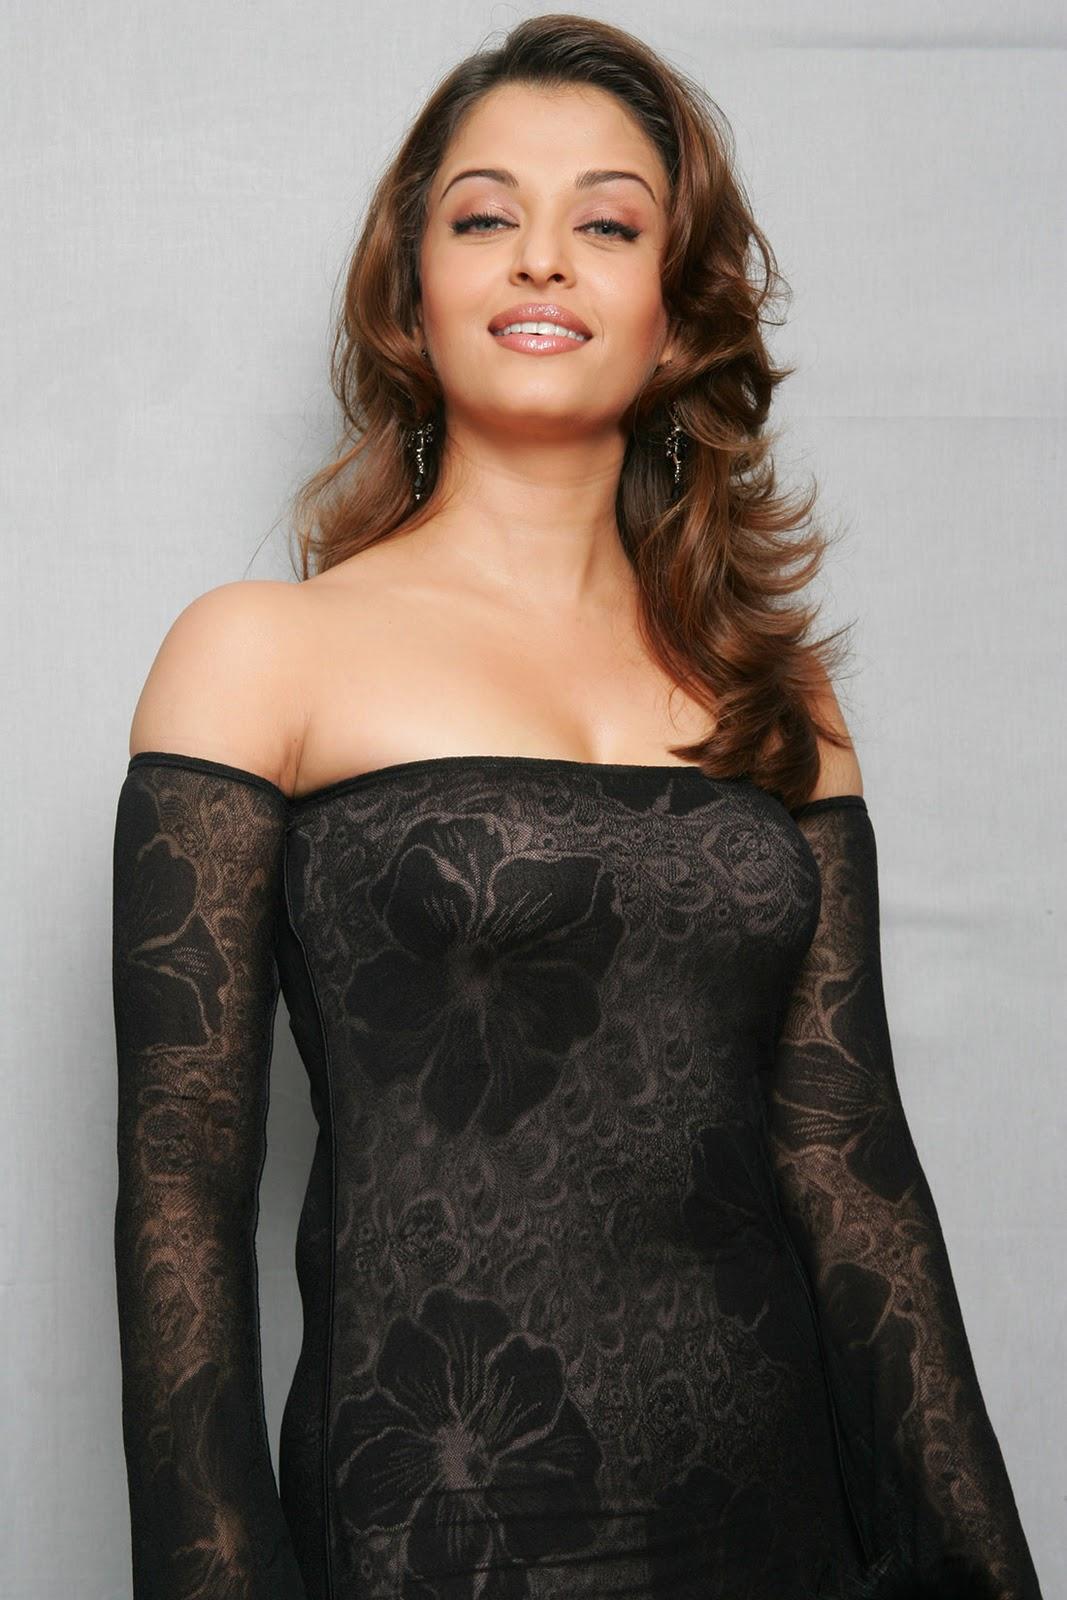 http://1.bp.blogspot.com/-L_-7TT4ZZOo/TyrU4uTyuwI/AAAAAAAACAM/e2GhSs35Veg/s1600/Aishwarya+Rai%27s+Hot+Unseen+pics+%282%29.jpg